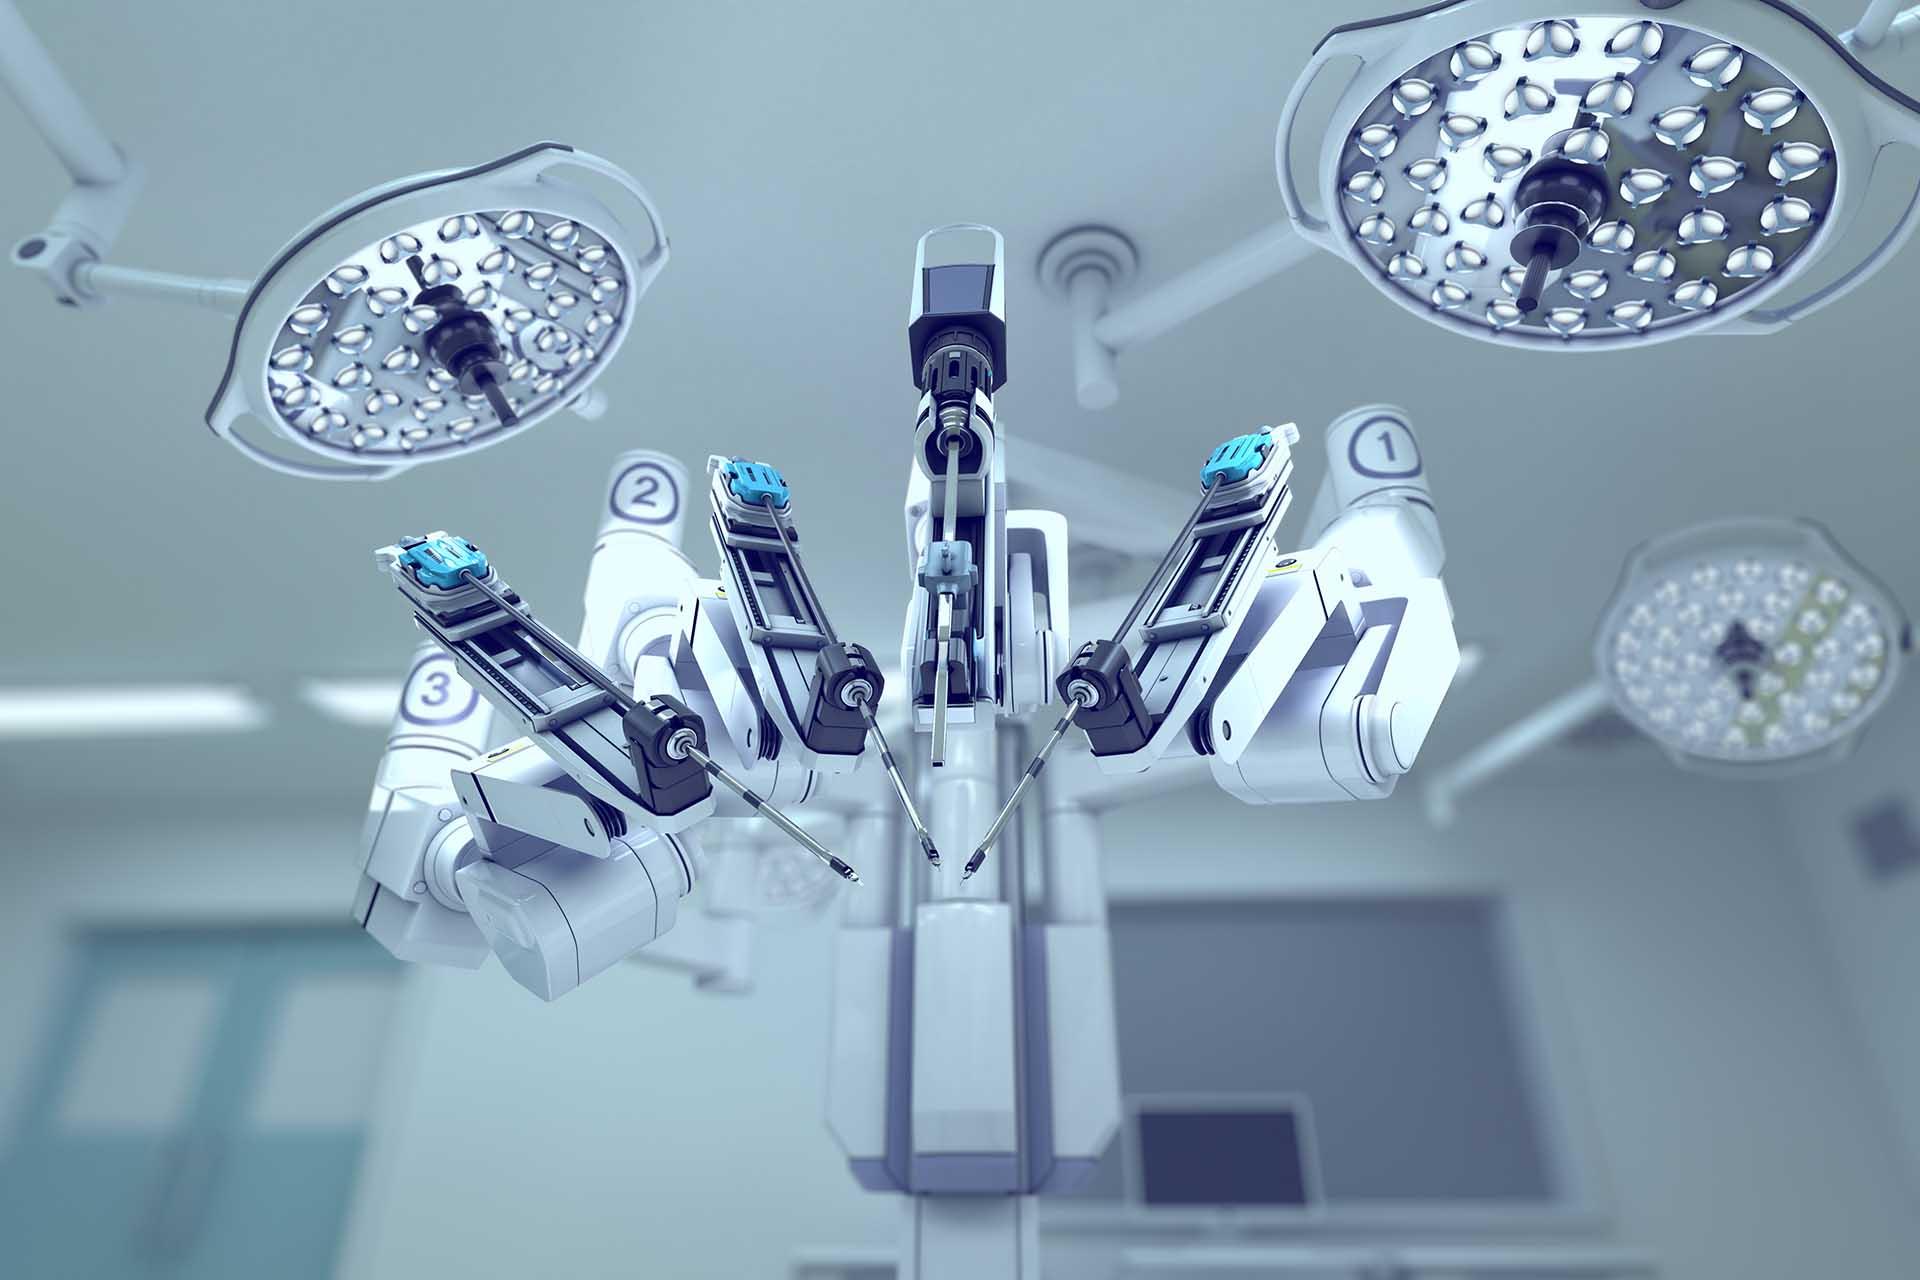 http://www.borelliurologia.com.br/wp-content/uploads/2015/12/cirurgia-robotica-cirurgias-roboticas.jpg